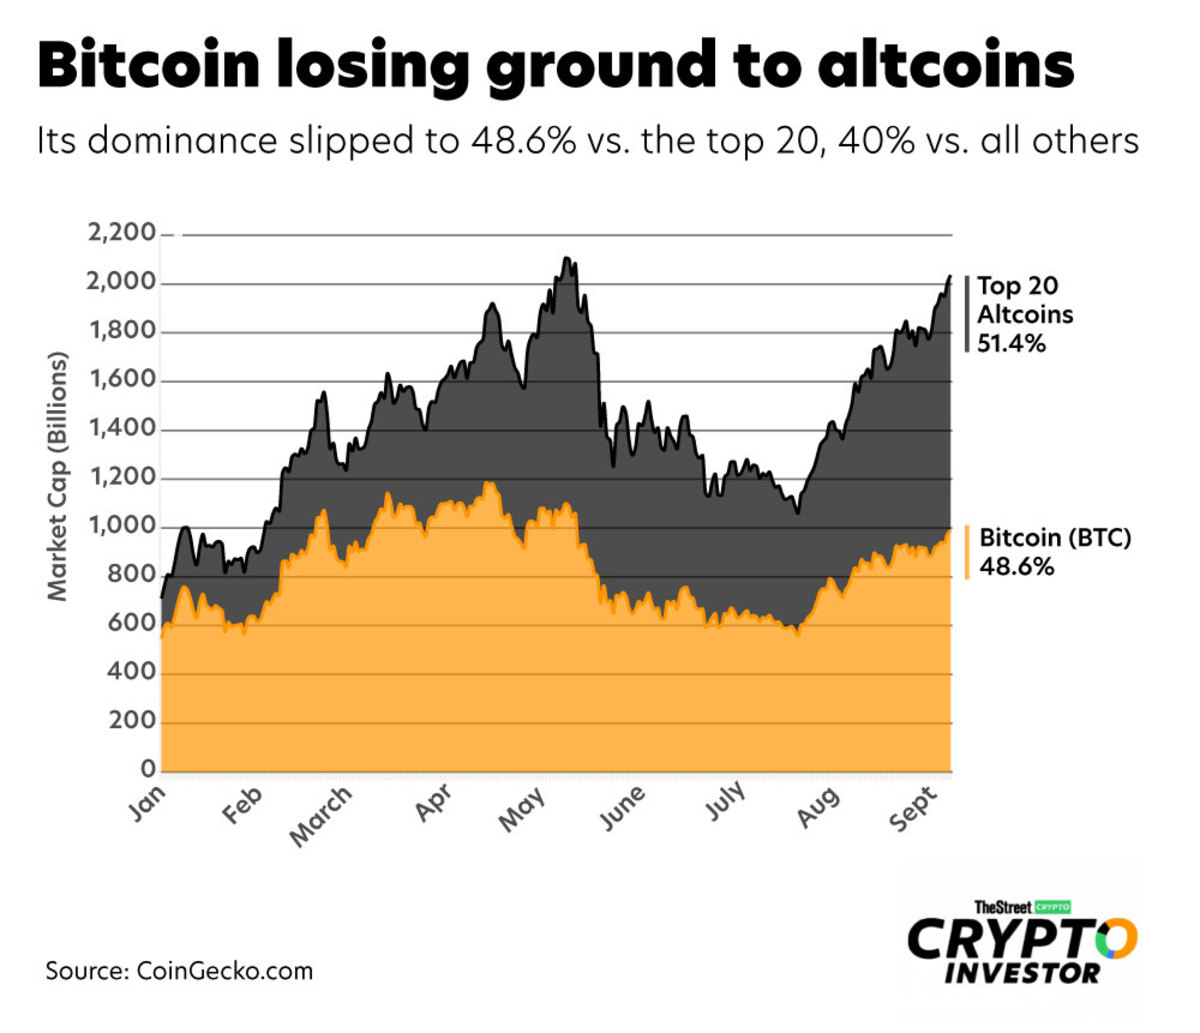 Bitcoin-vs.-Top-20-Altcoins-web